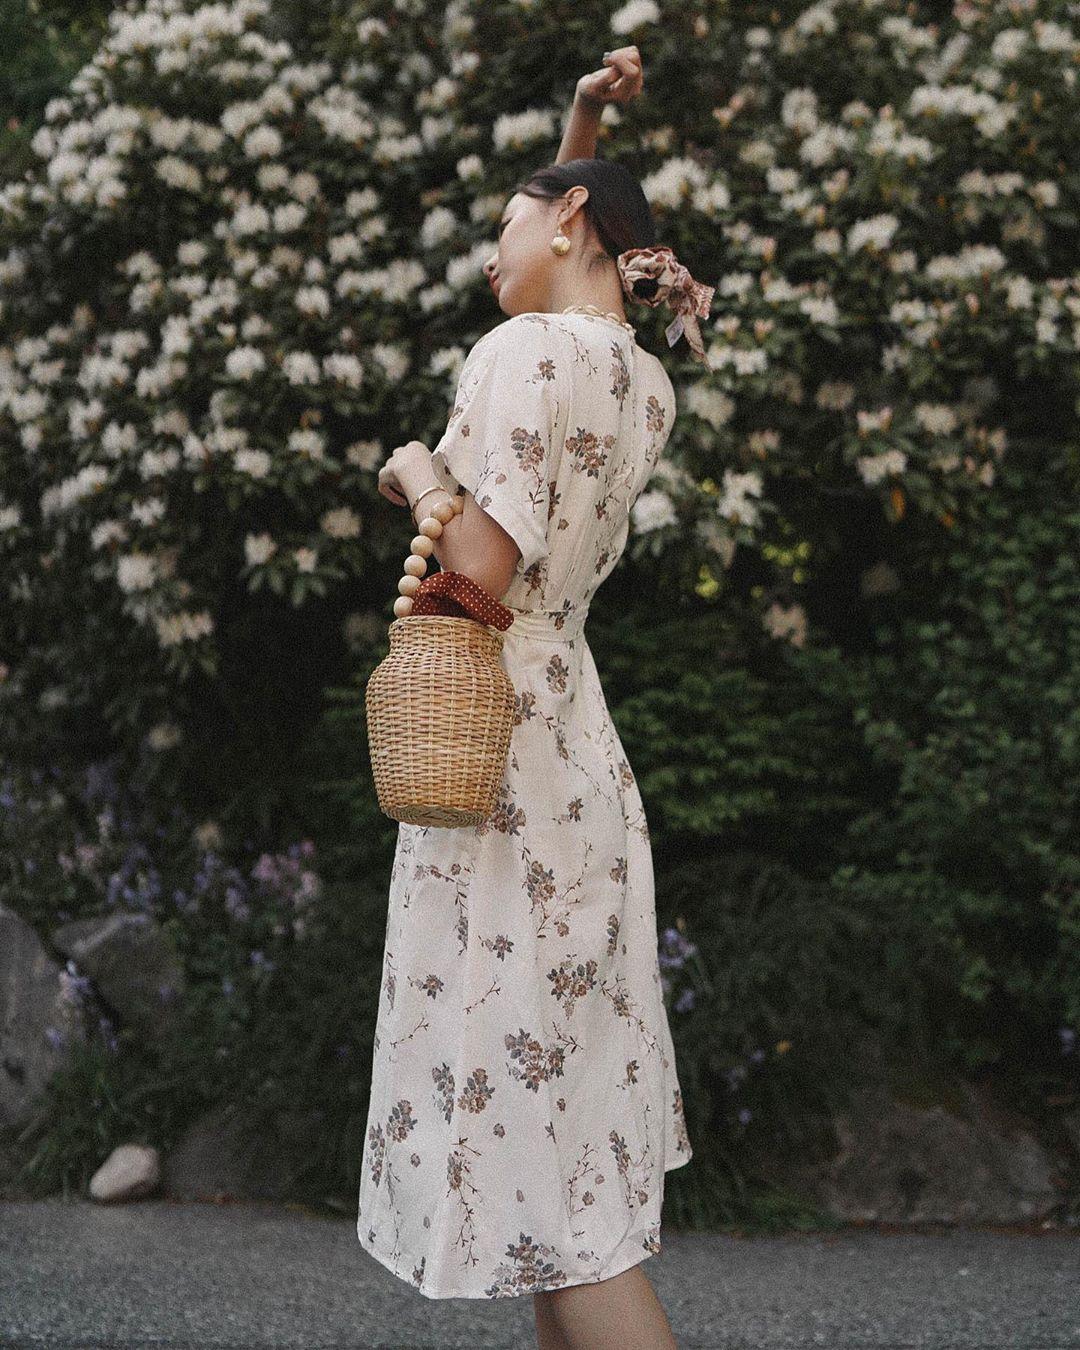 túi xách coi mini phong cách soft aesthetic